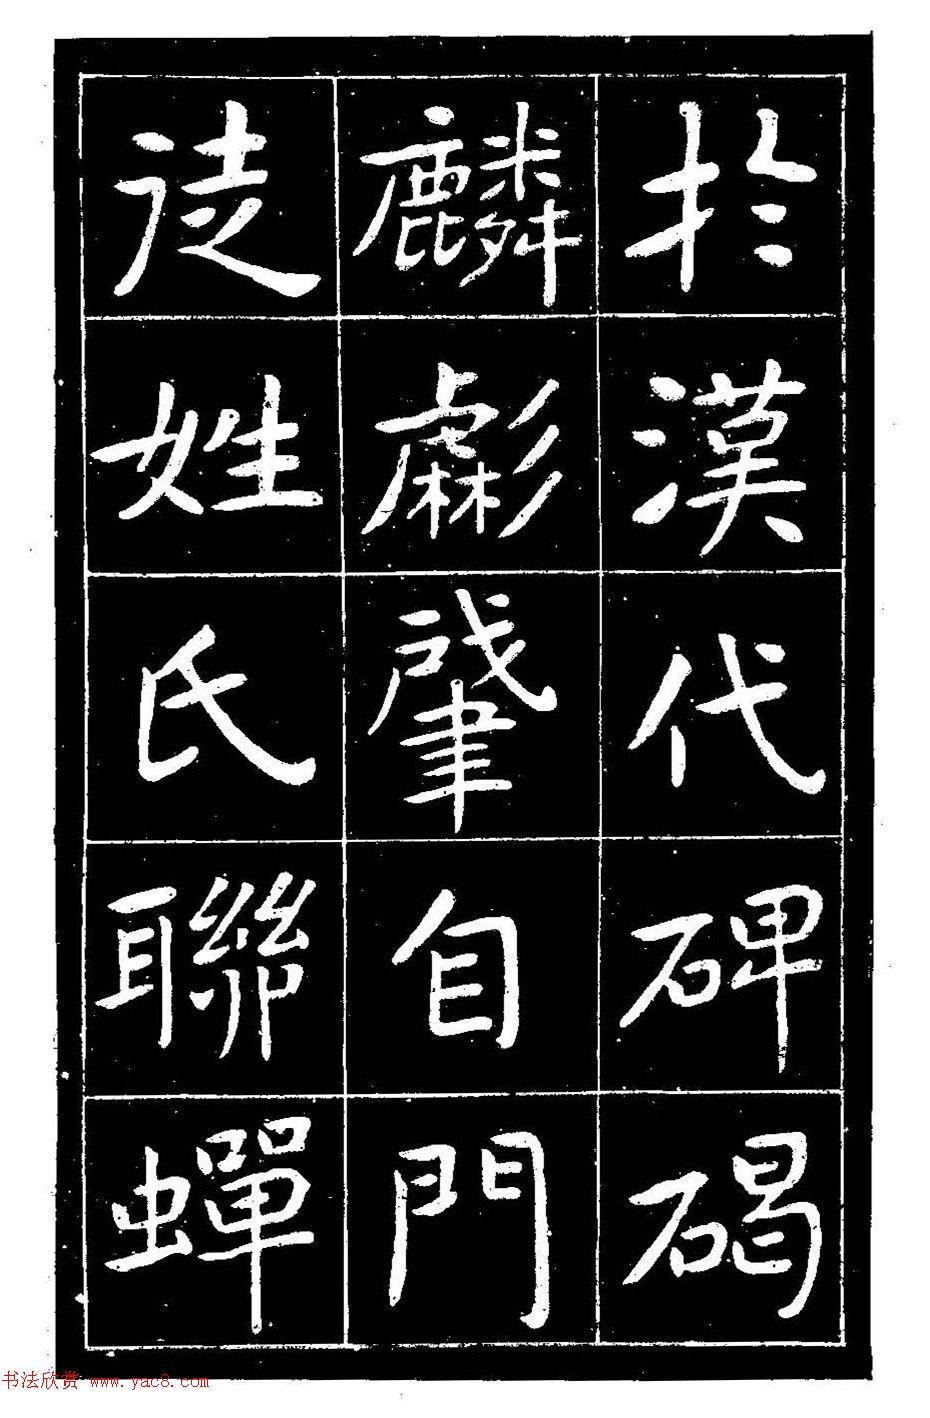 近代曾熙楷书《吴先生兴学碑记》